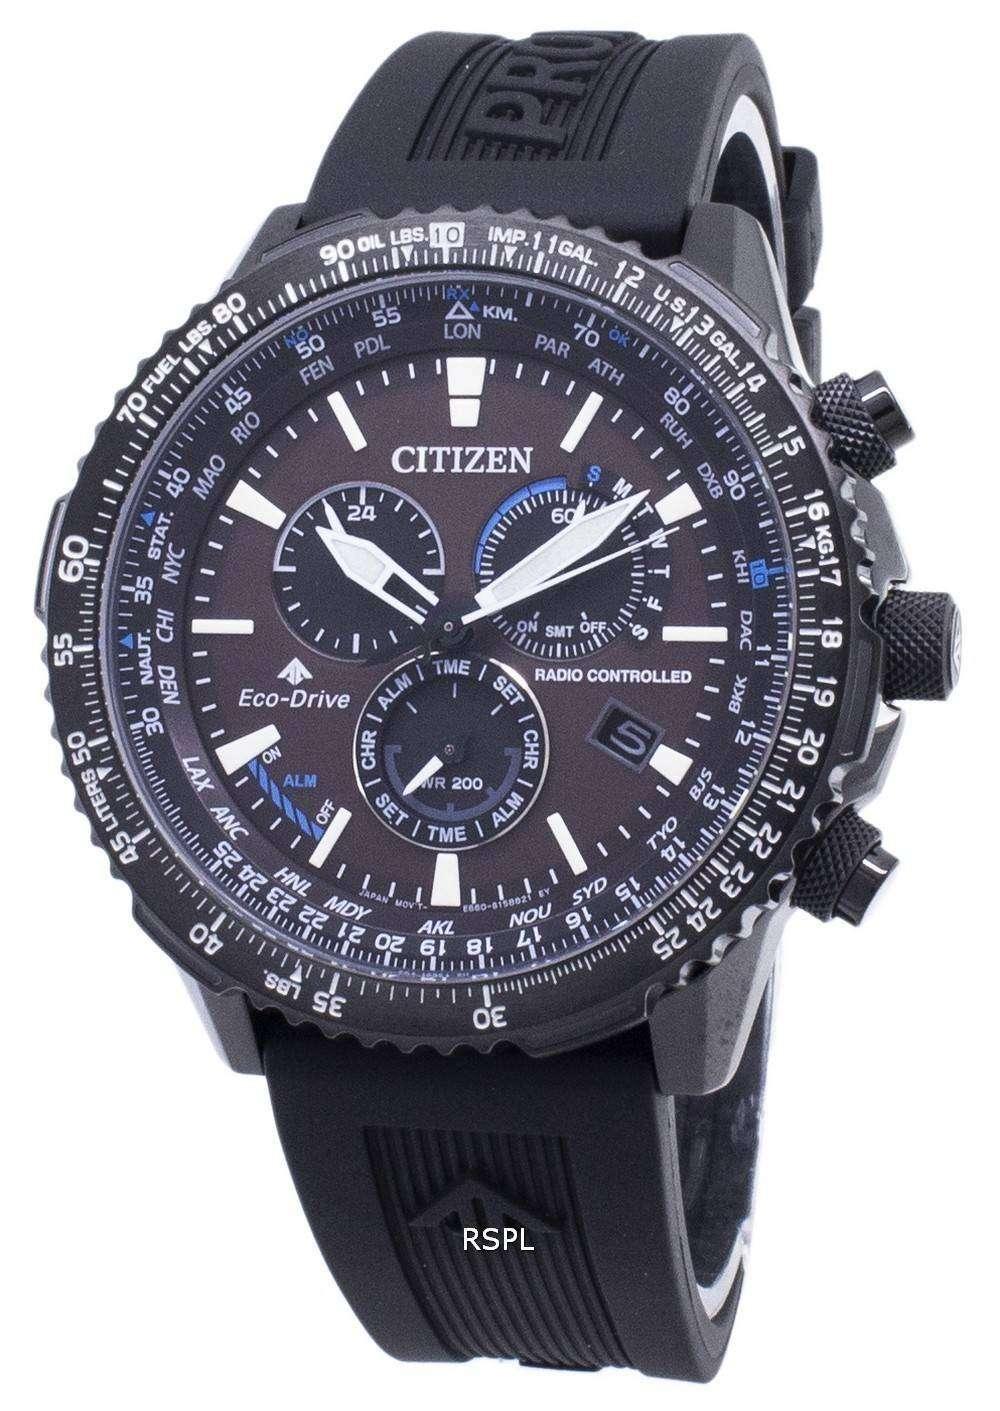 Citizen 시티즌 시계 에코 드라이브 CB5005-13X 무선 조종 200M 남성용 손목시계